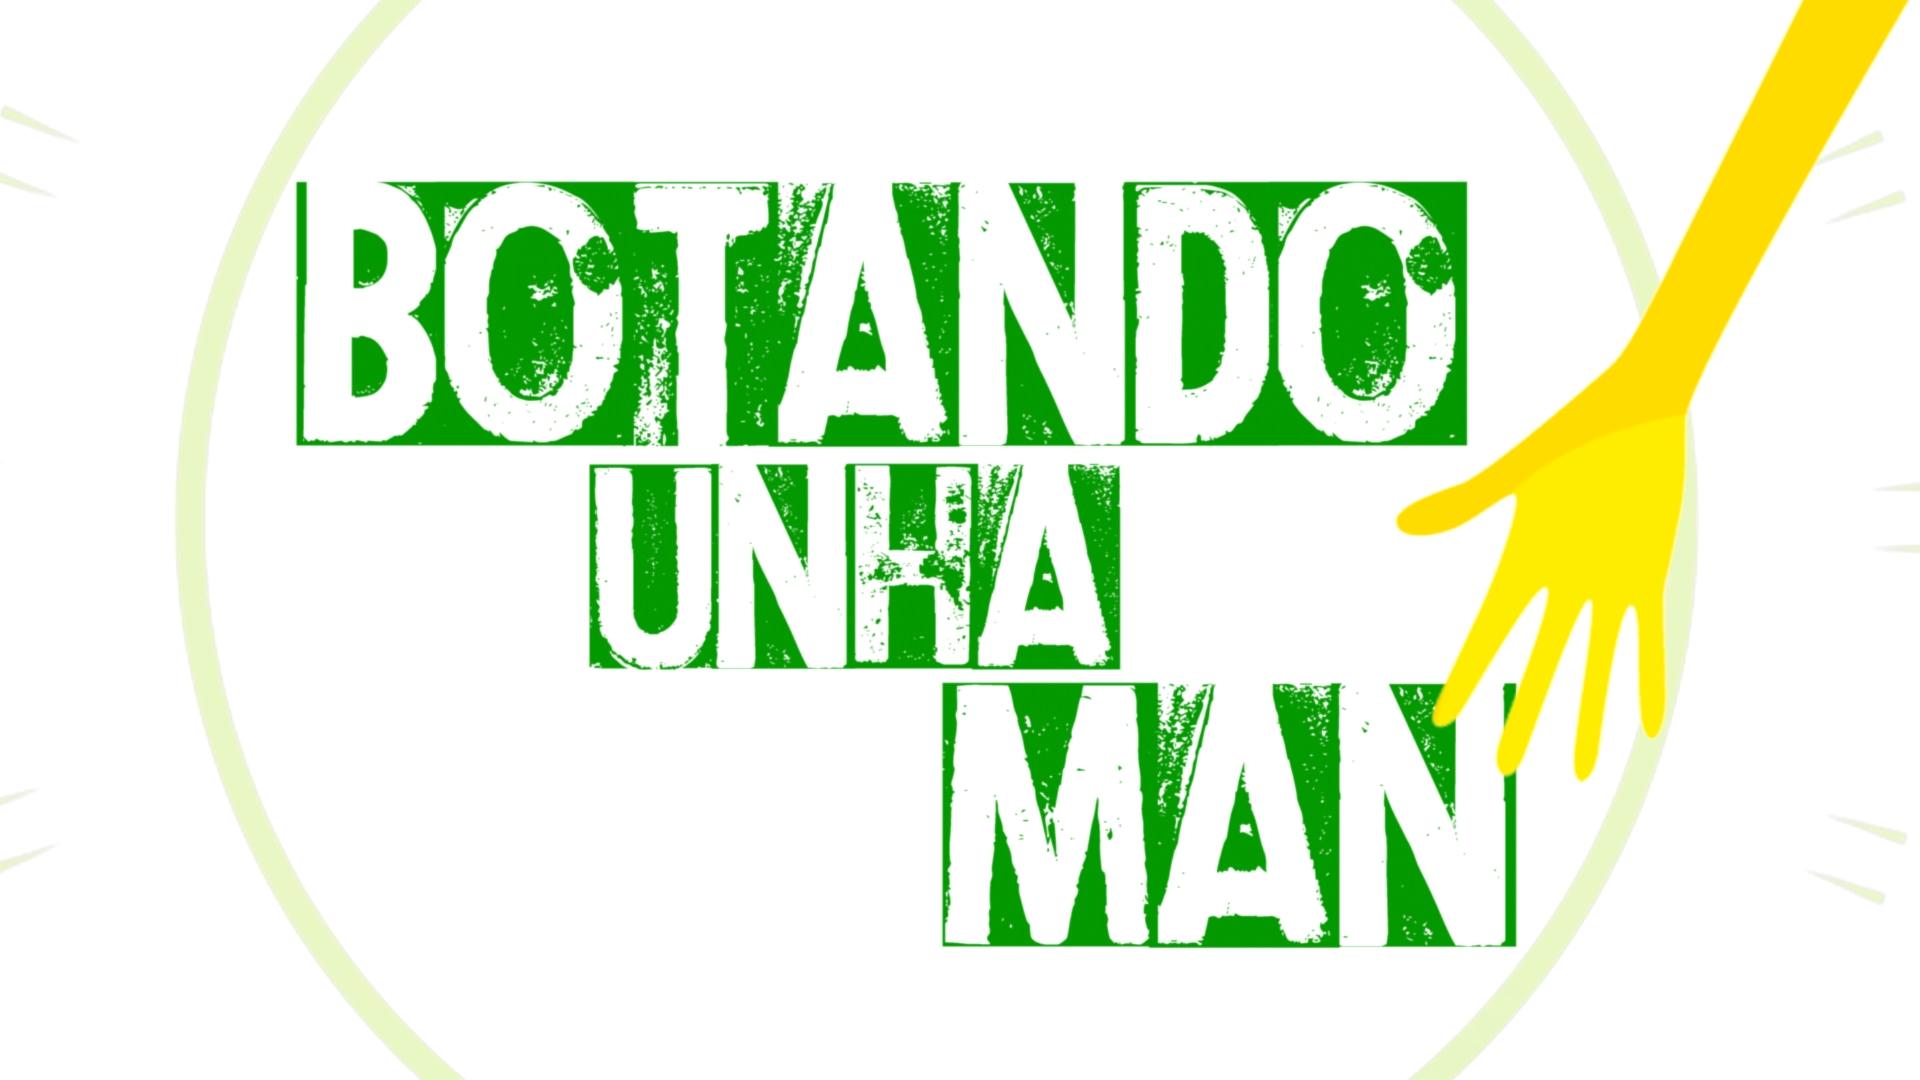 BOTANDO UNHA MAN